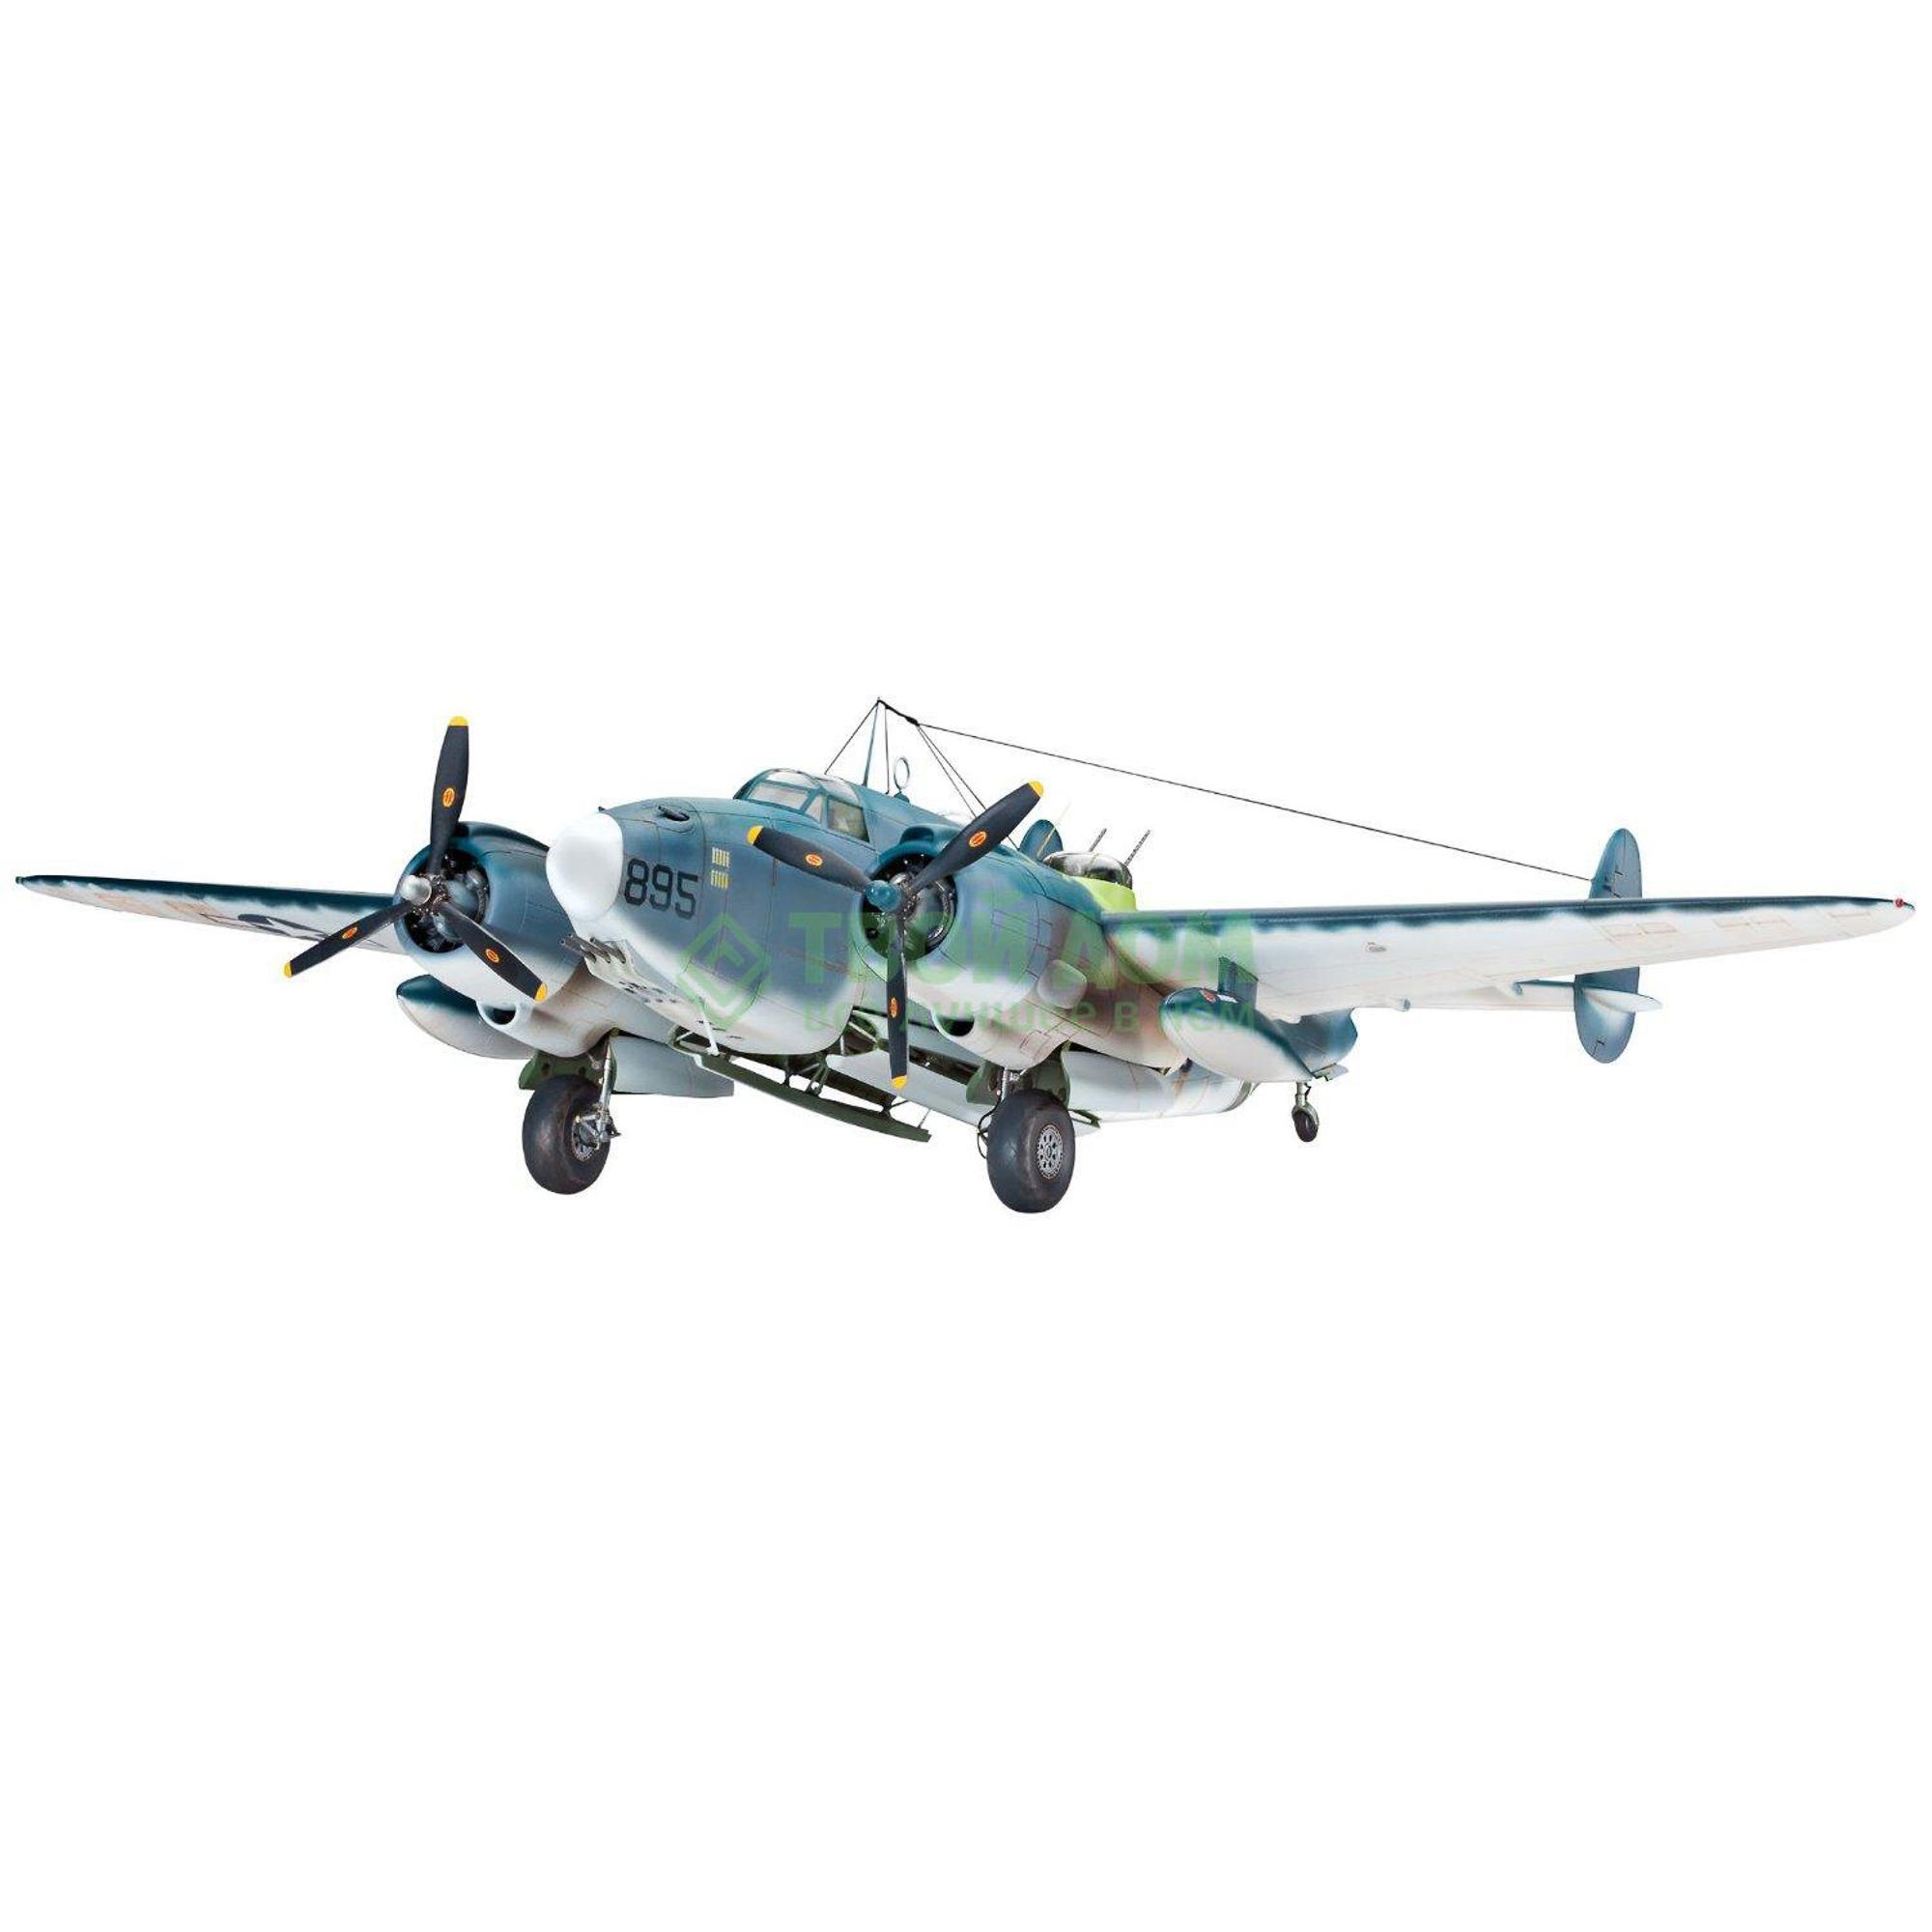 Купить Модель для склеивания Revell Самолет PV-1 Ventura (04662R), Китай, серый, Набор для моделирования